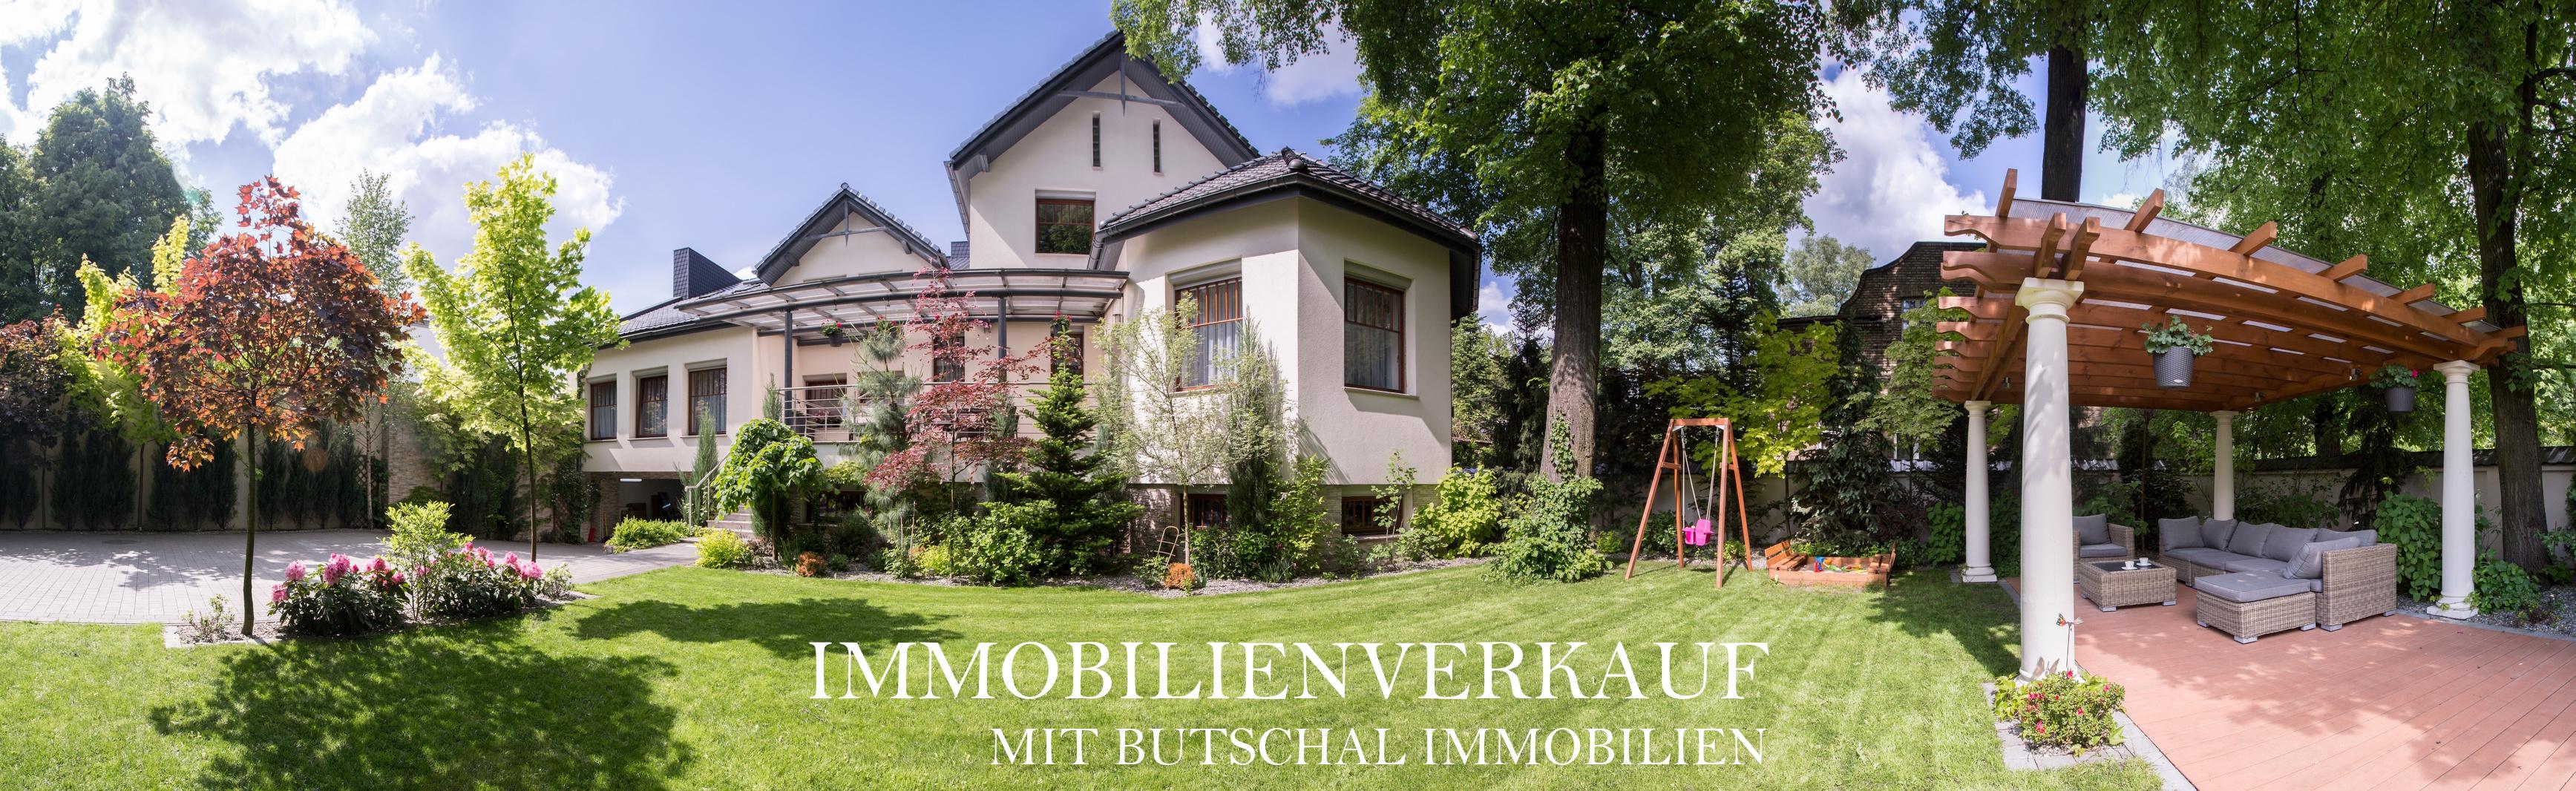 Immobilienverkauf mit Butschal Immobilien